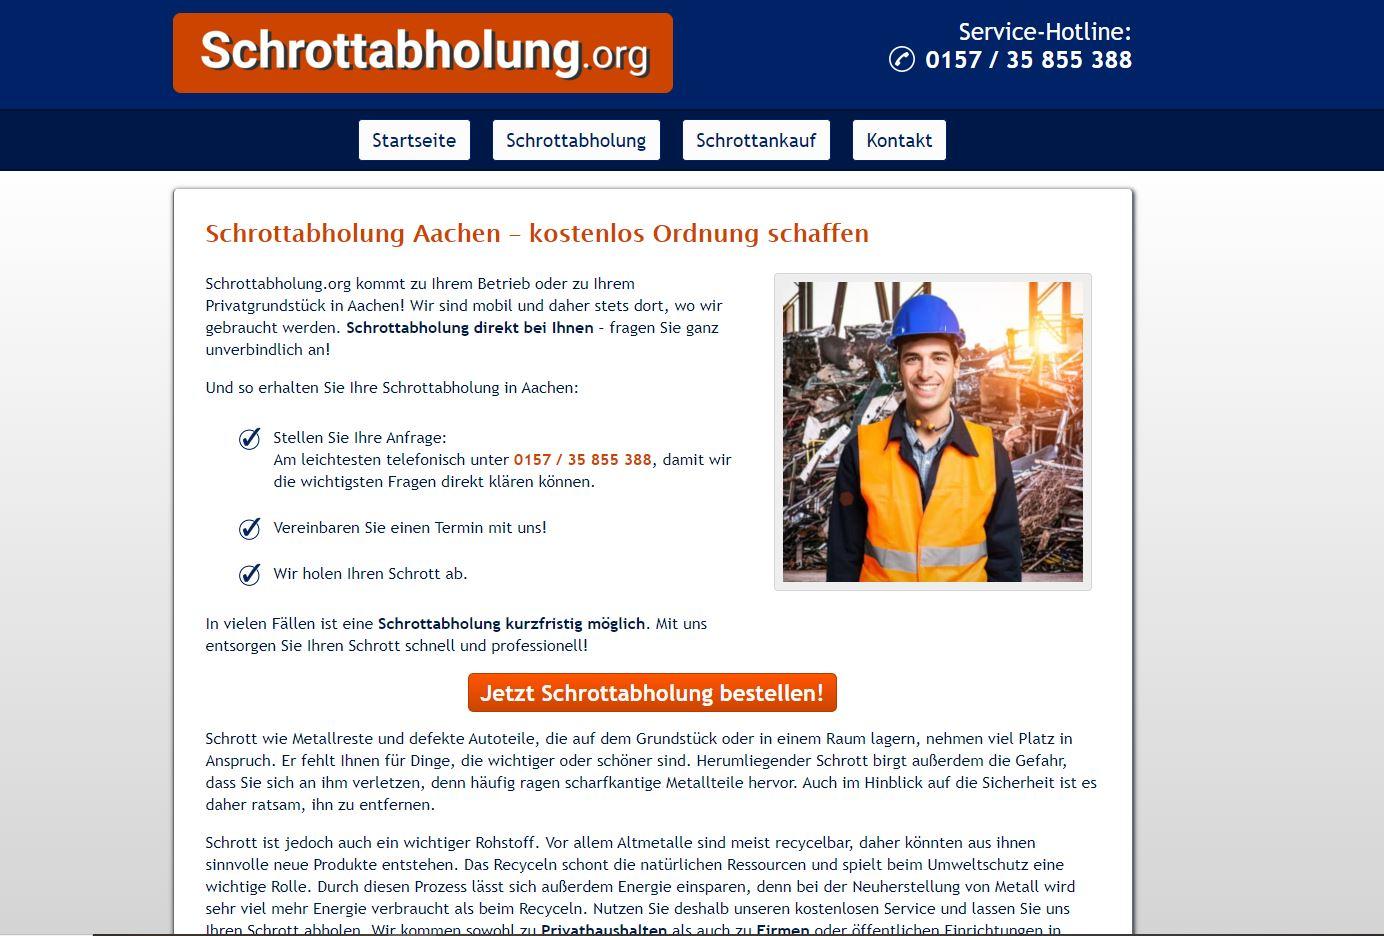 In Aachen: Wir holen ihren Schrott kostenlos ab